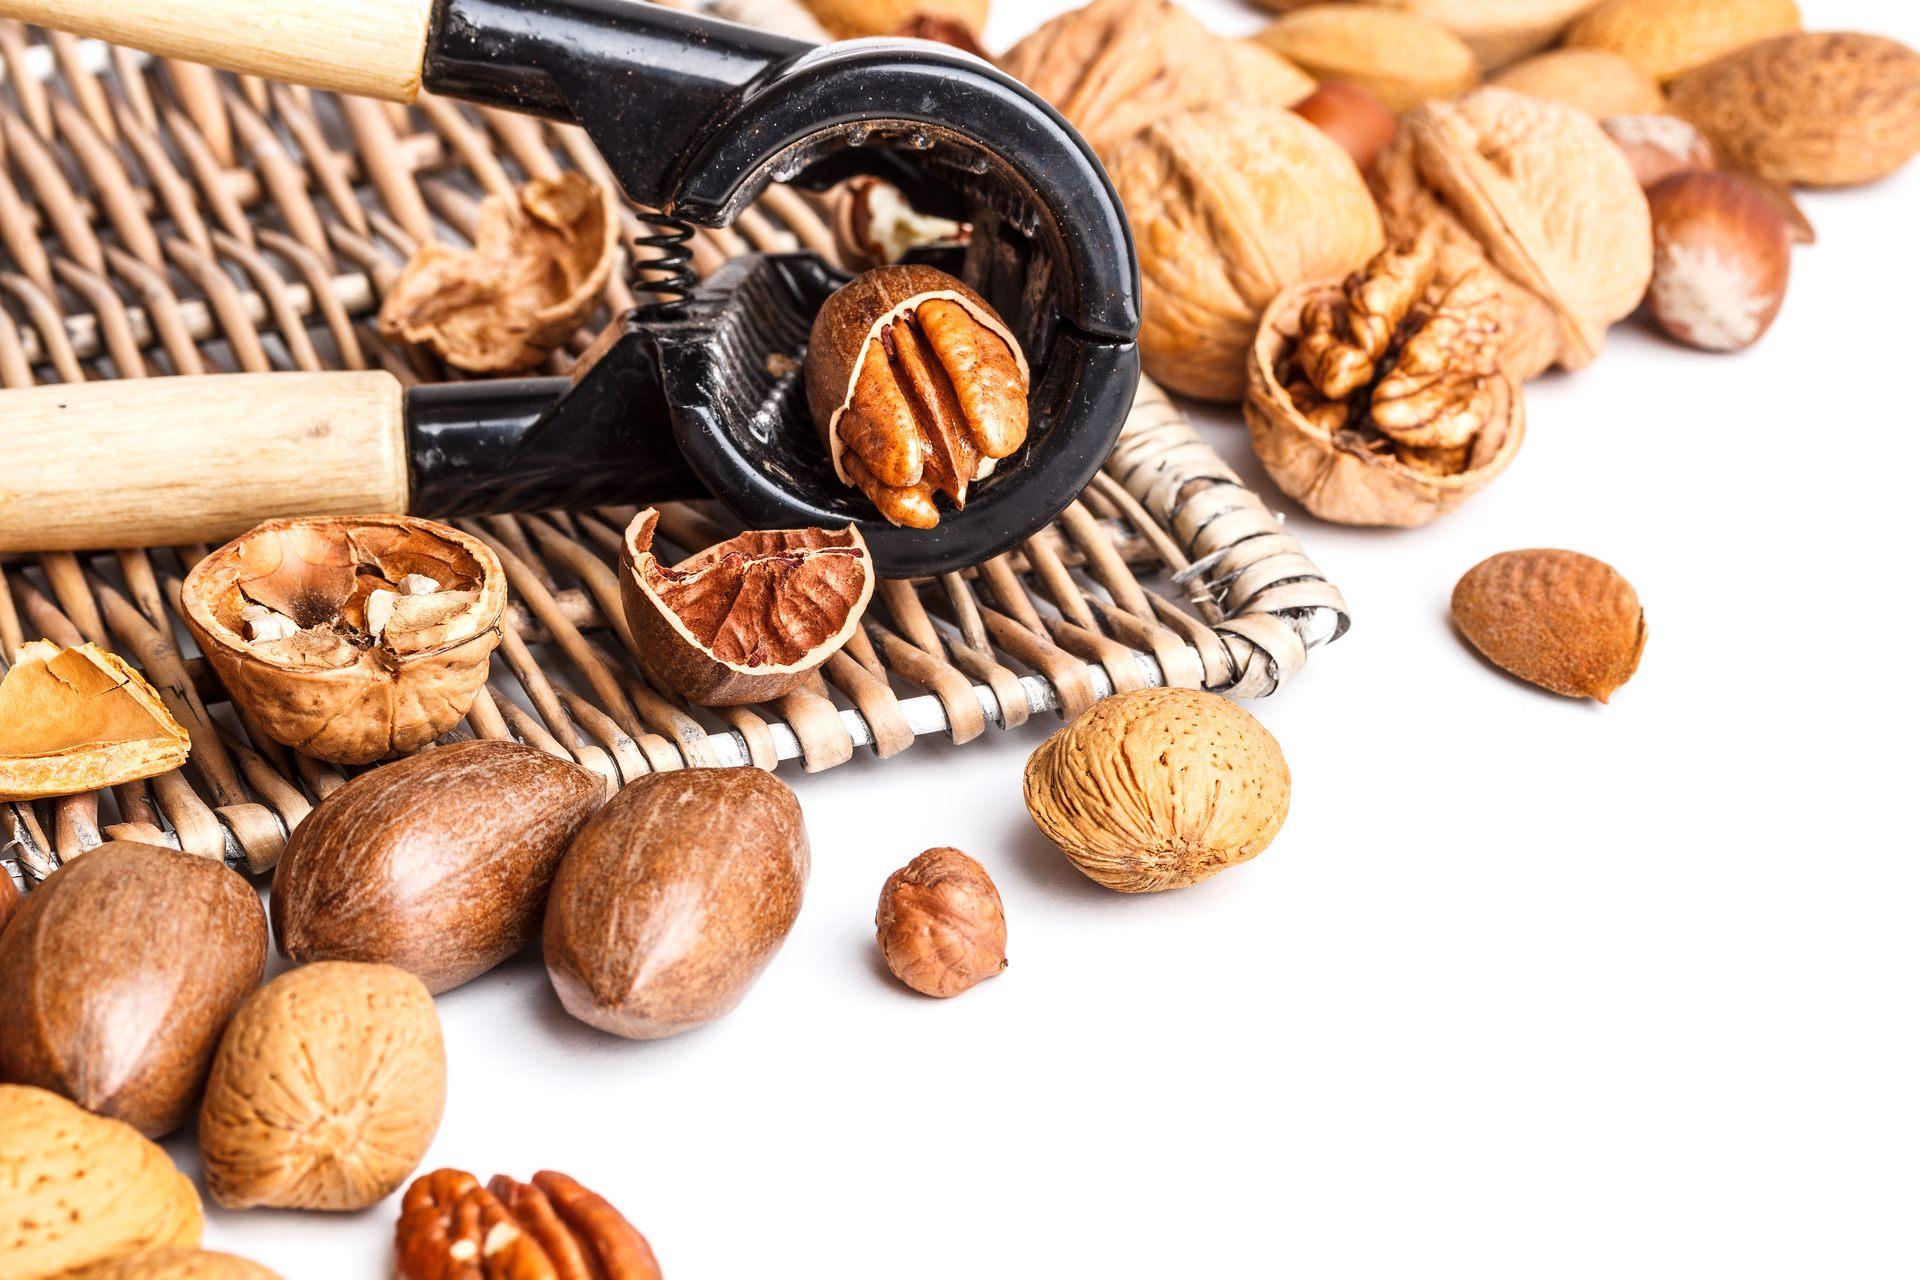 ¿Cómo deberíamos consumir los frutos secos?